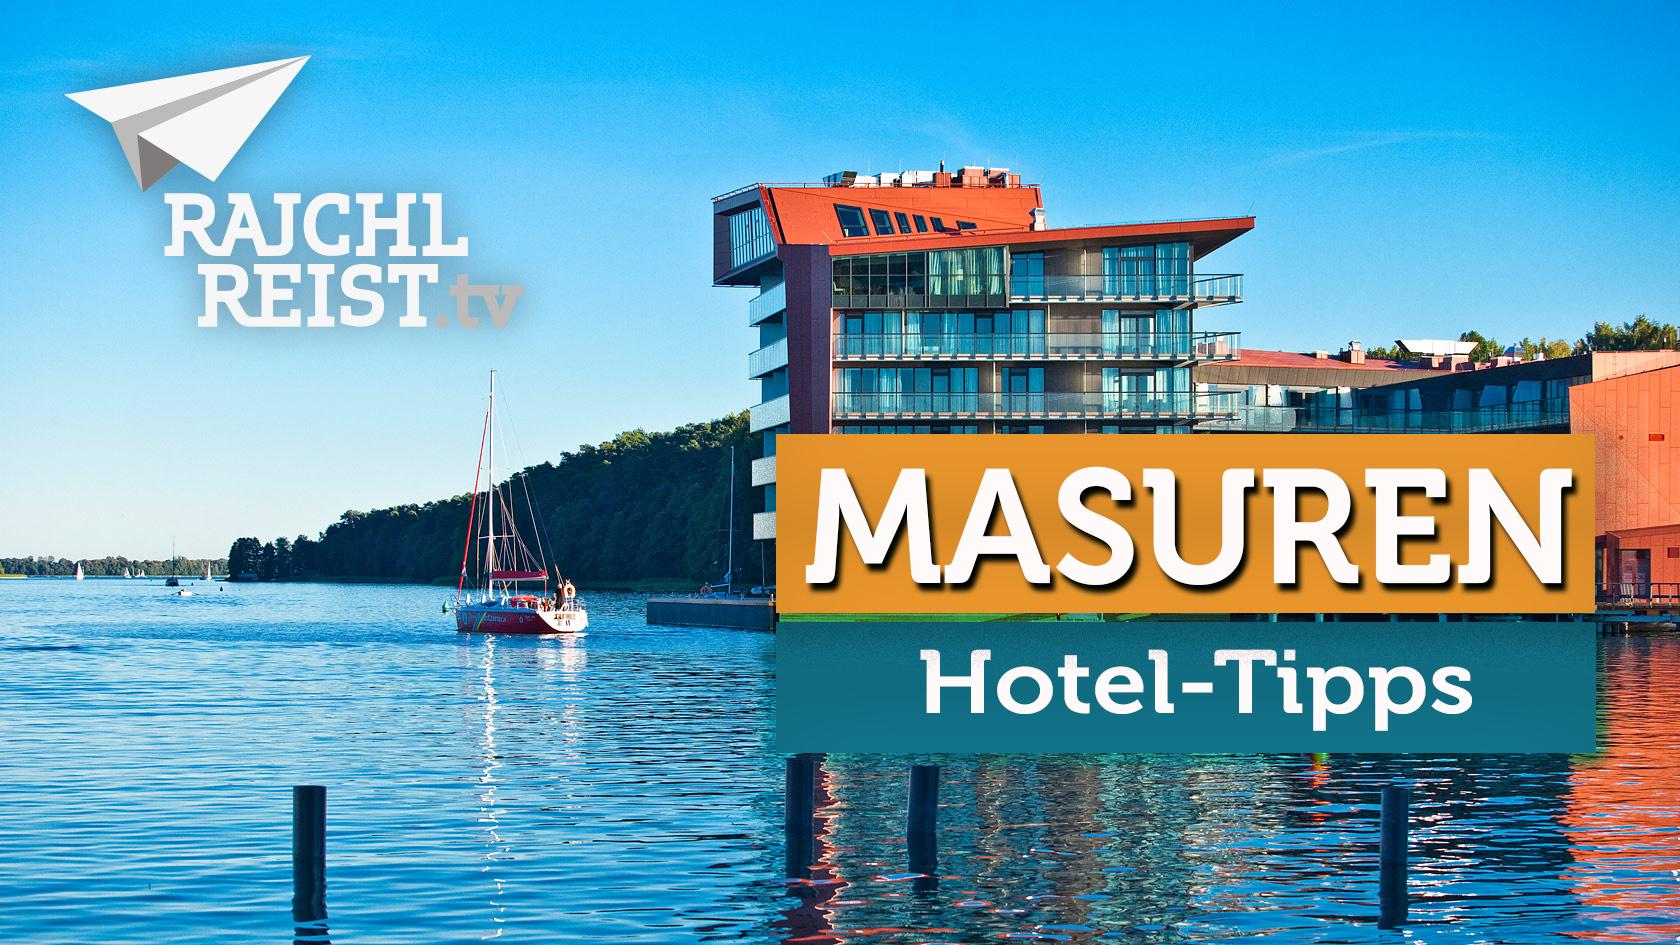 Polen: 6 feine Hotels in den Masuren